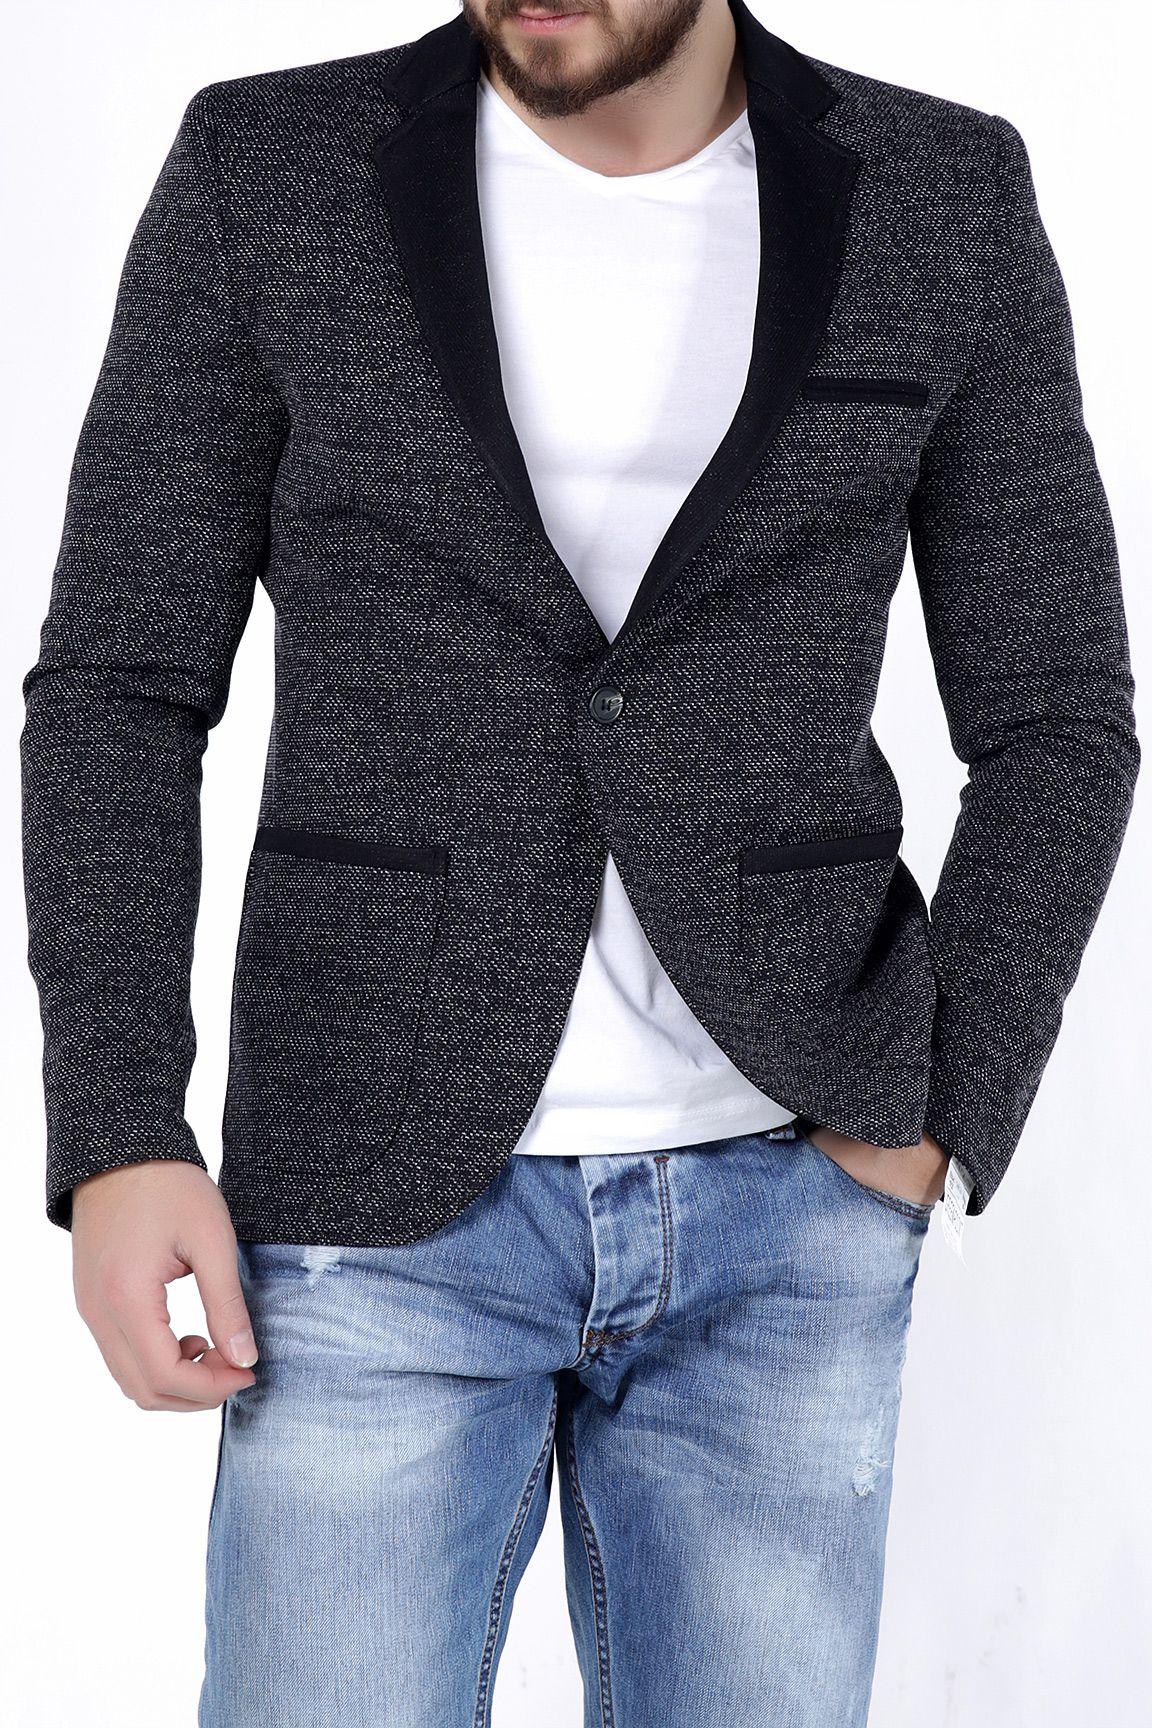 بليزرات رجالى كاجول تركي فخمة موديل 2015 2016 Mens Fashion Blazer Blazer Fashion Fashion